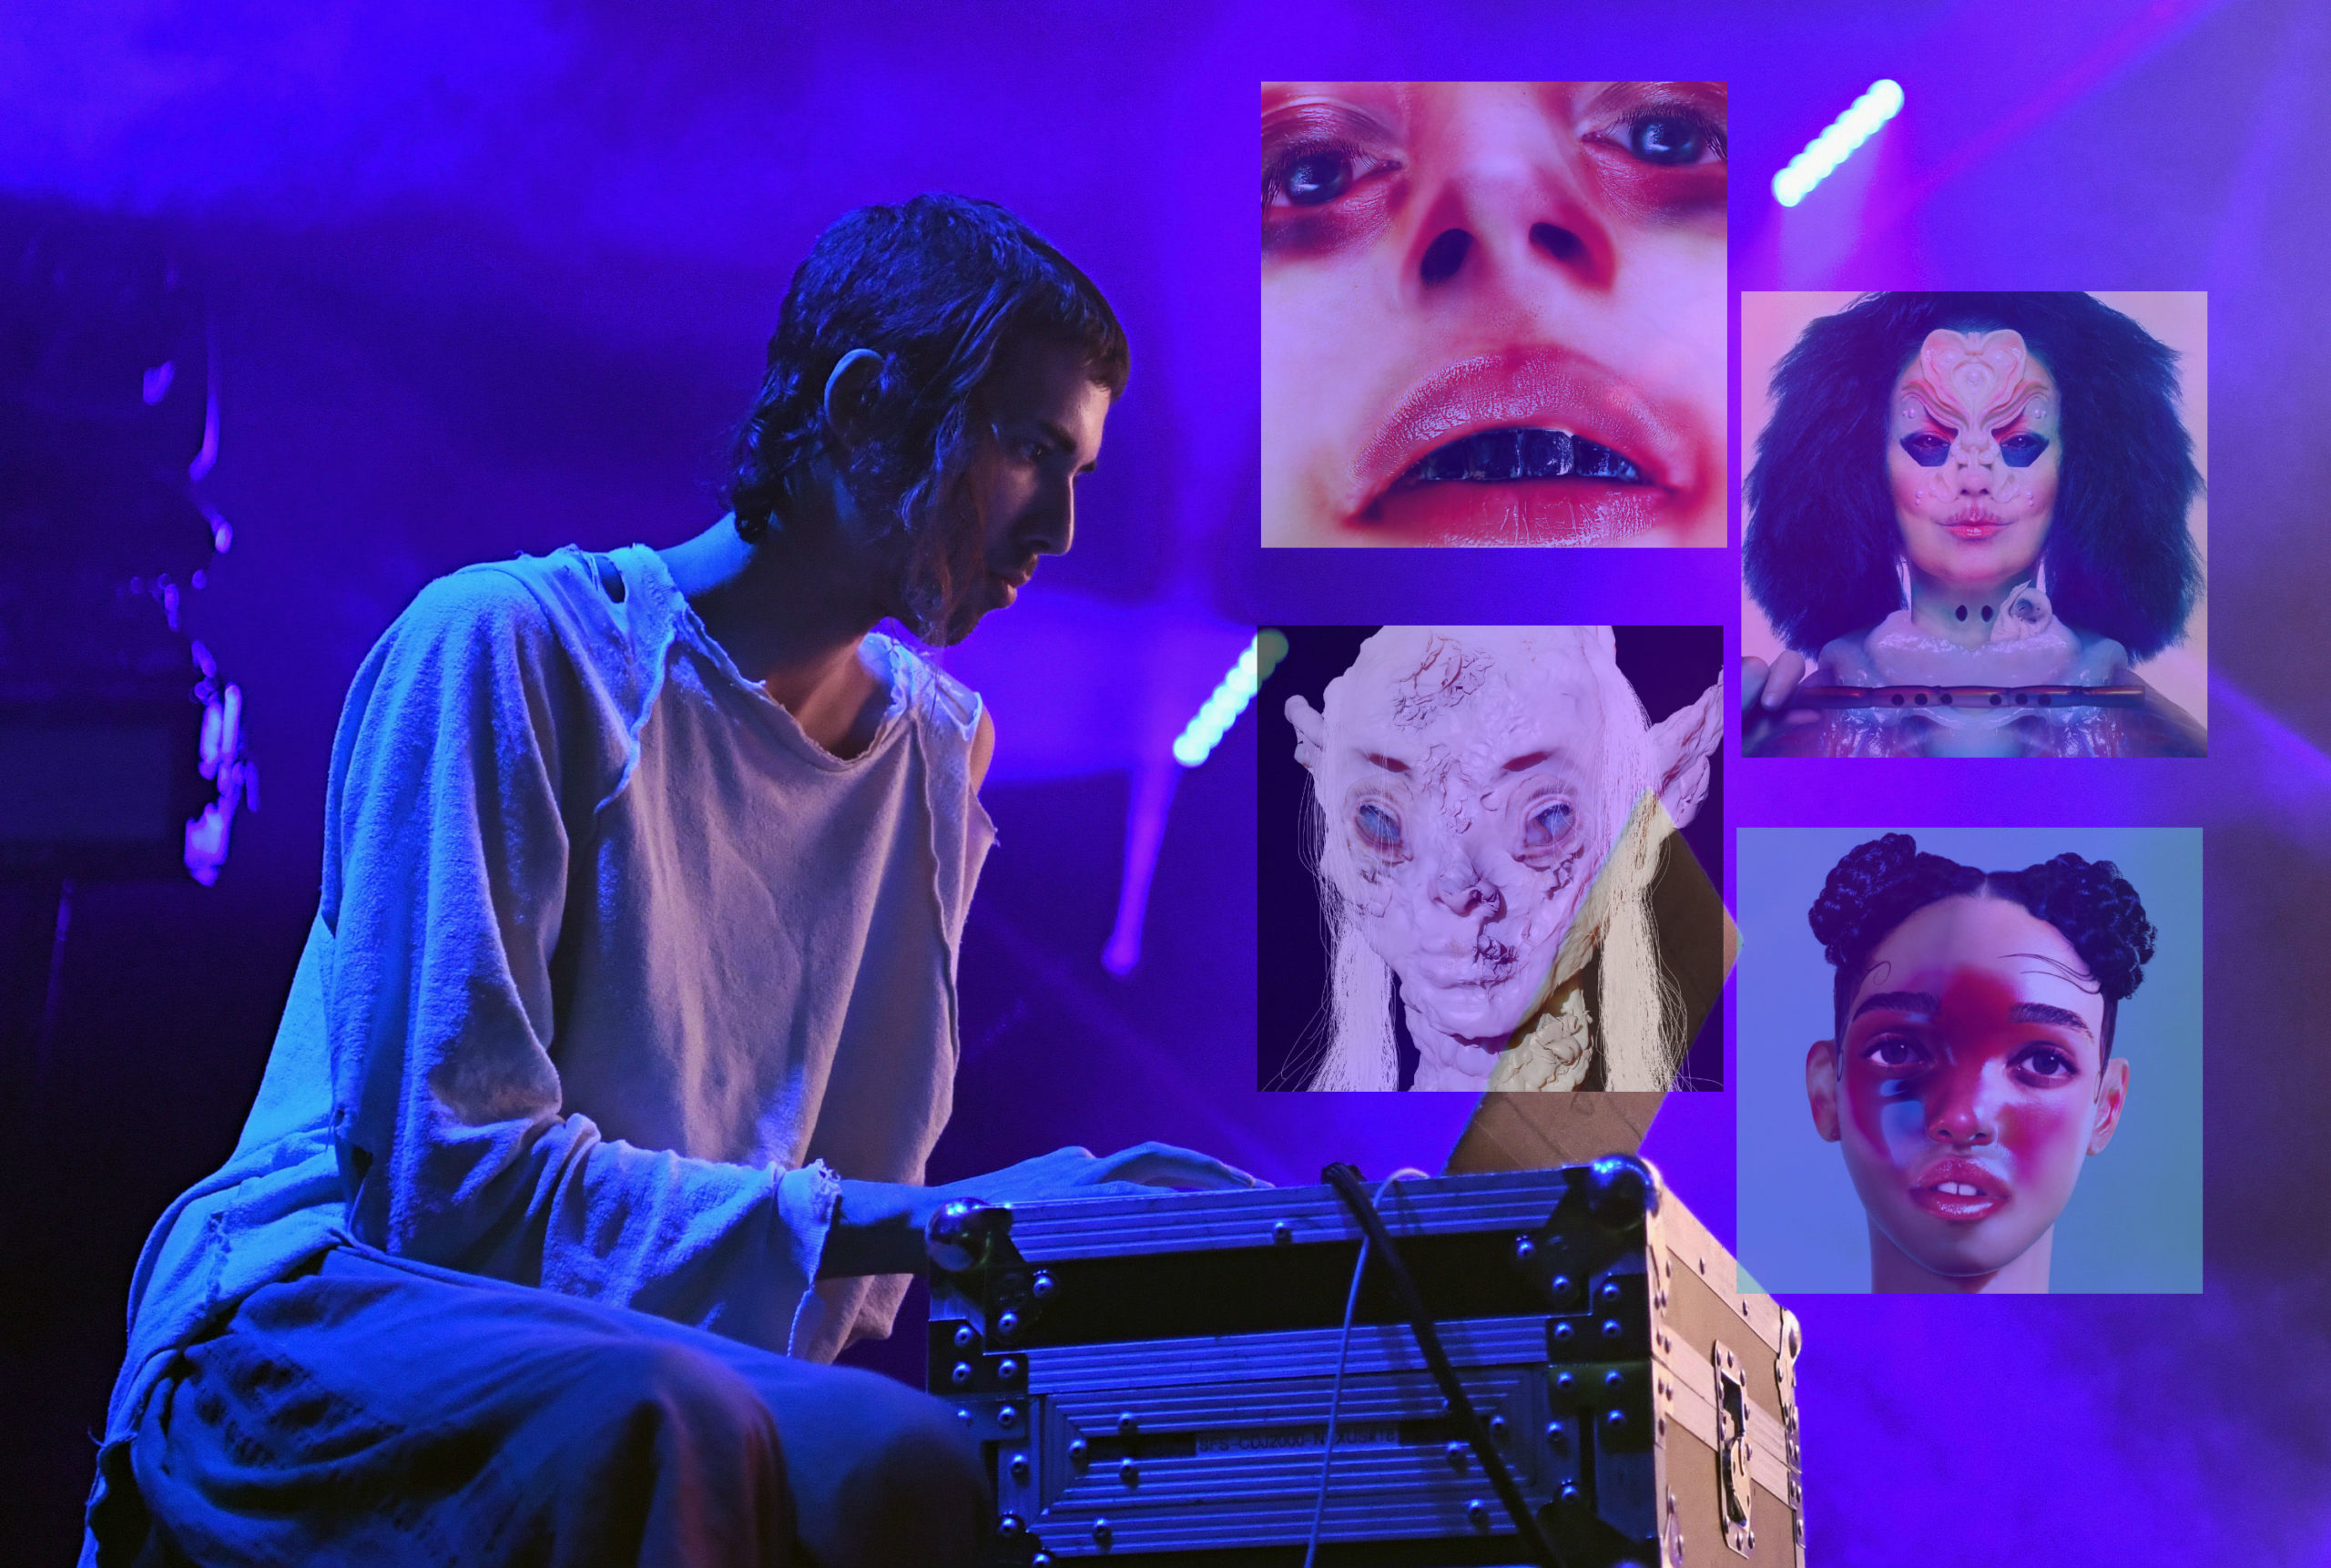 Ciało prawdziwe: Jesse Kanda robił okładki dla Björk, FKA twigs iArci. Sam jednak tworzy innowacyjną muzykę